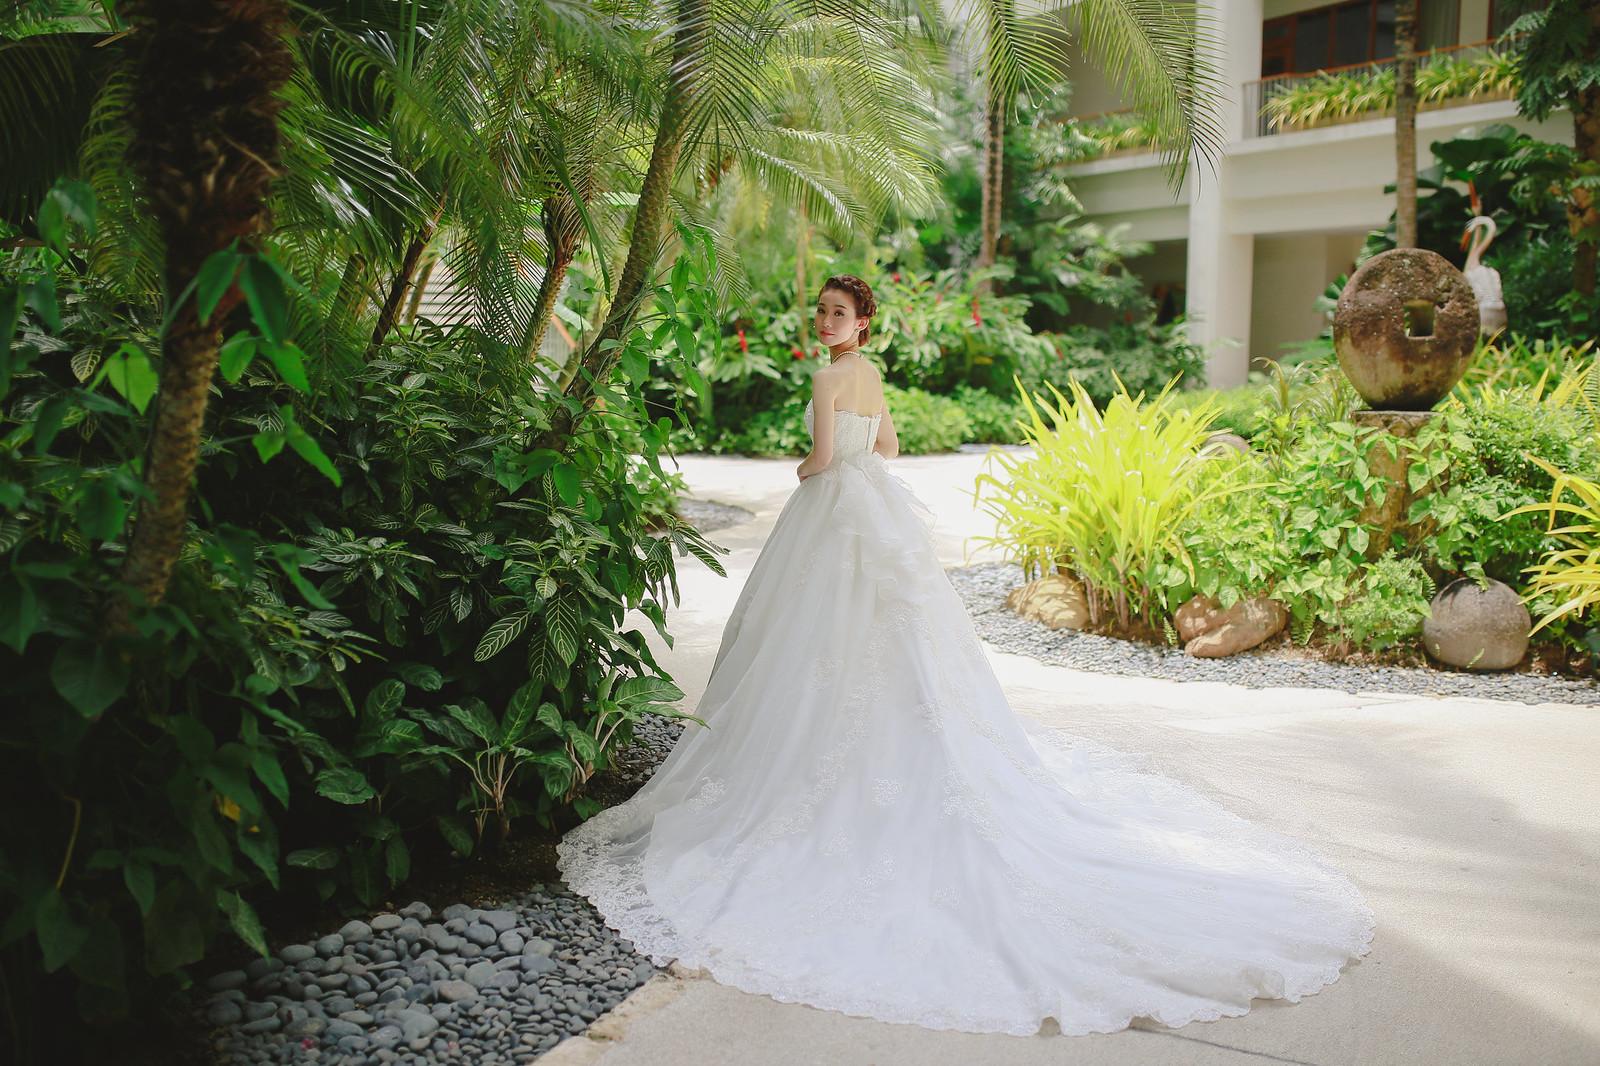 Shangri-la Mactan Post Wedding, Shangri-la Mactan Cebu